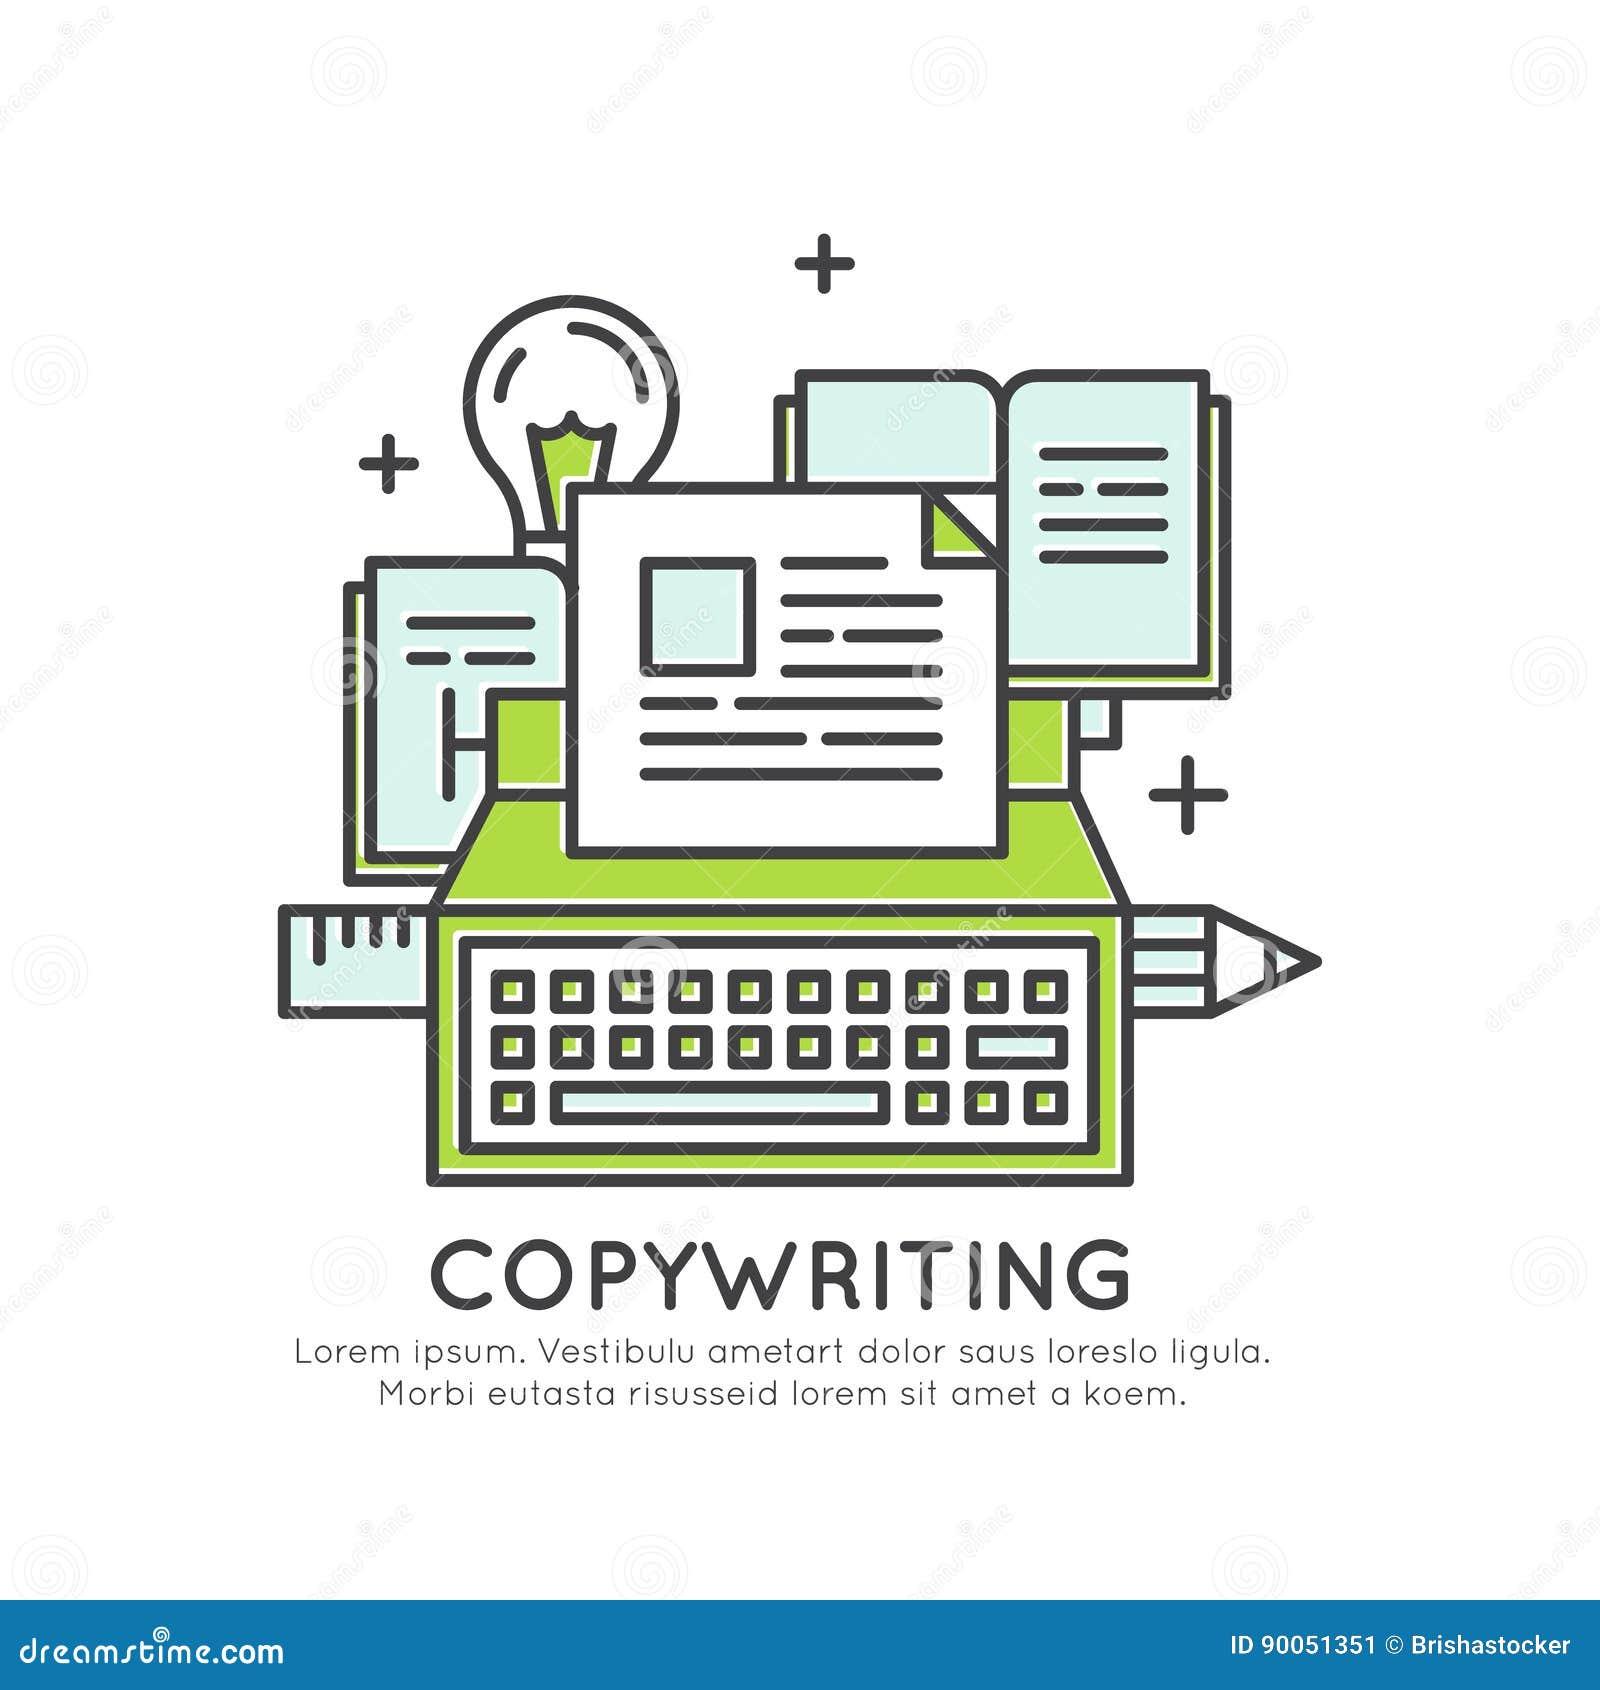 在箱子概念、想象力、聪明的解答、创造性和突发的灵感, Copywriting内容创作之外认为